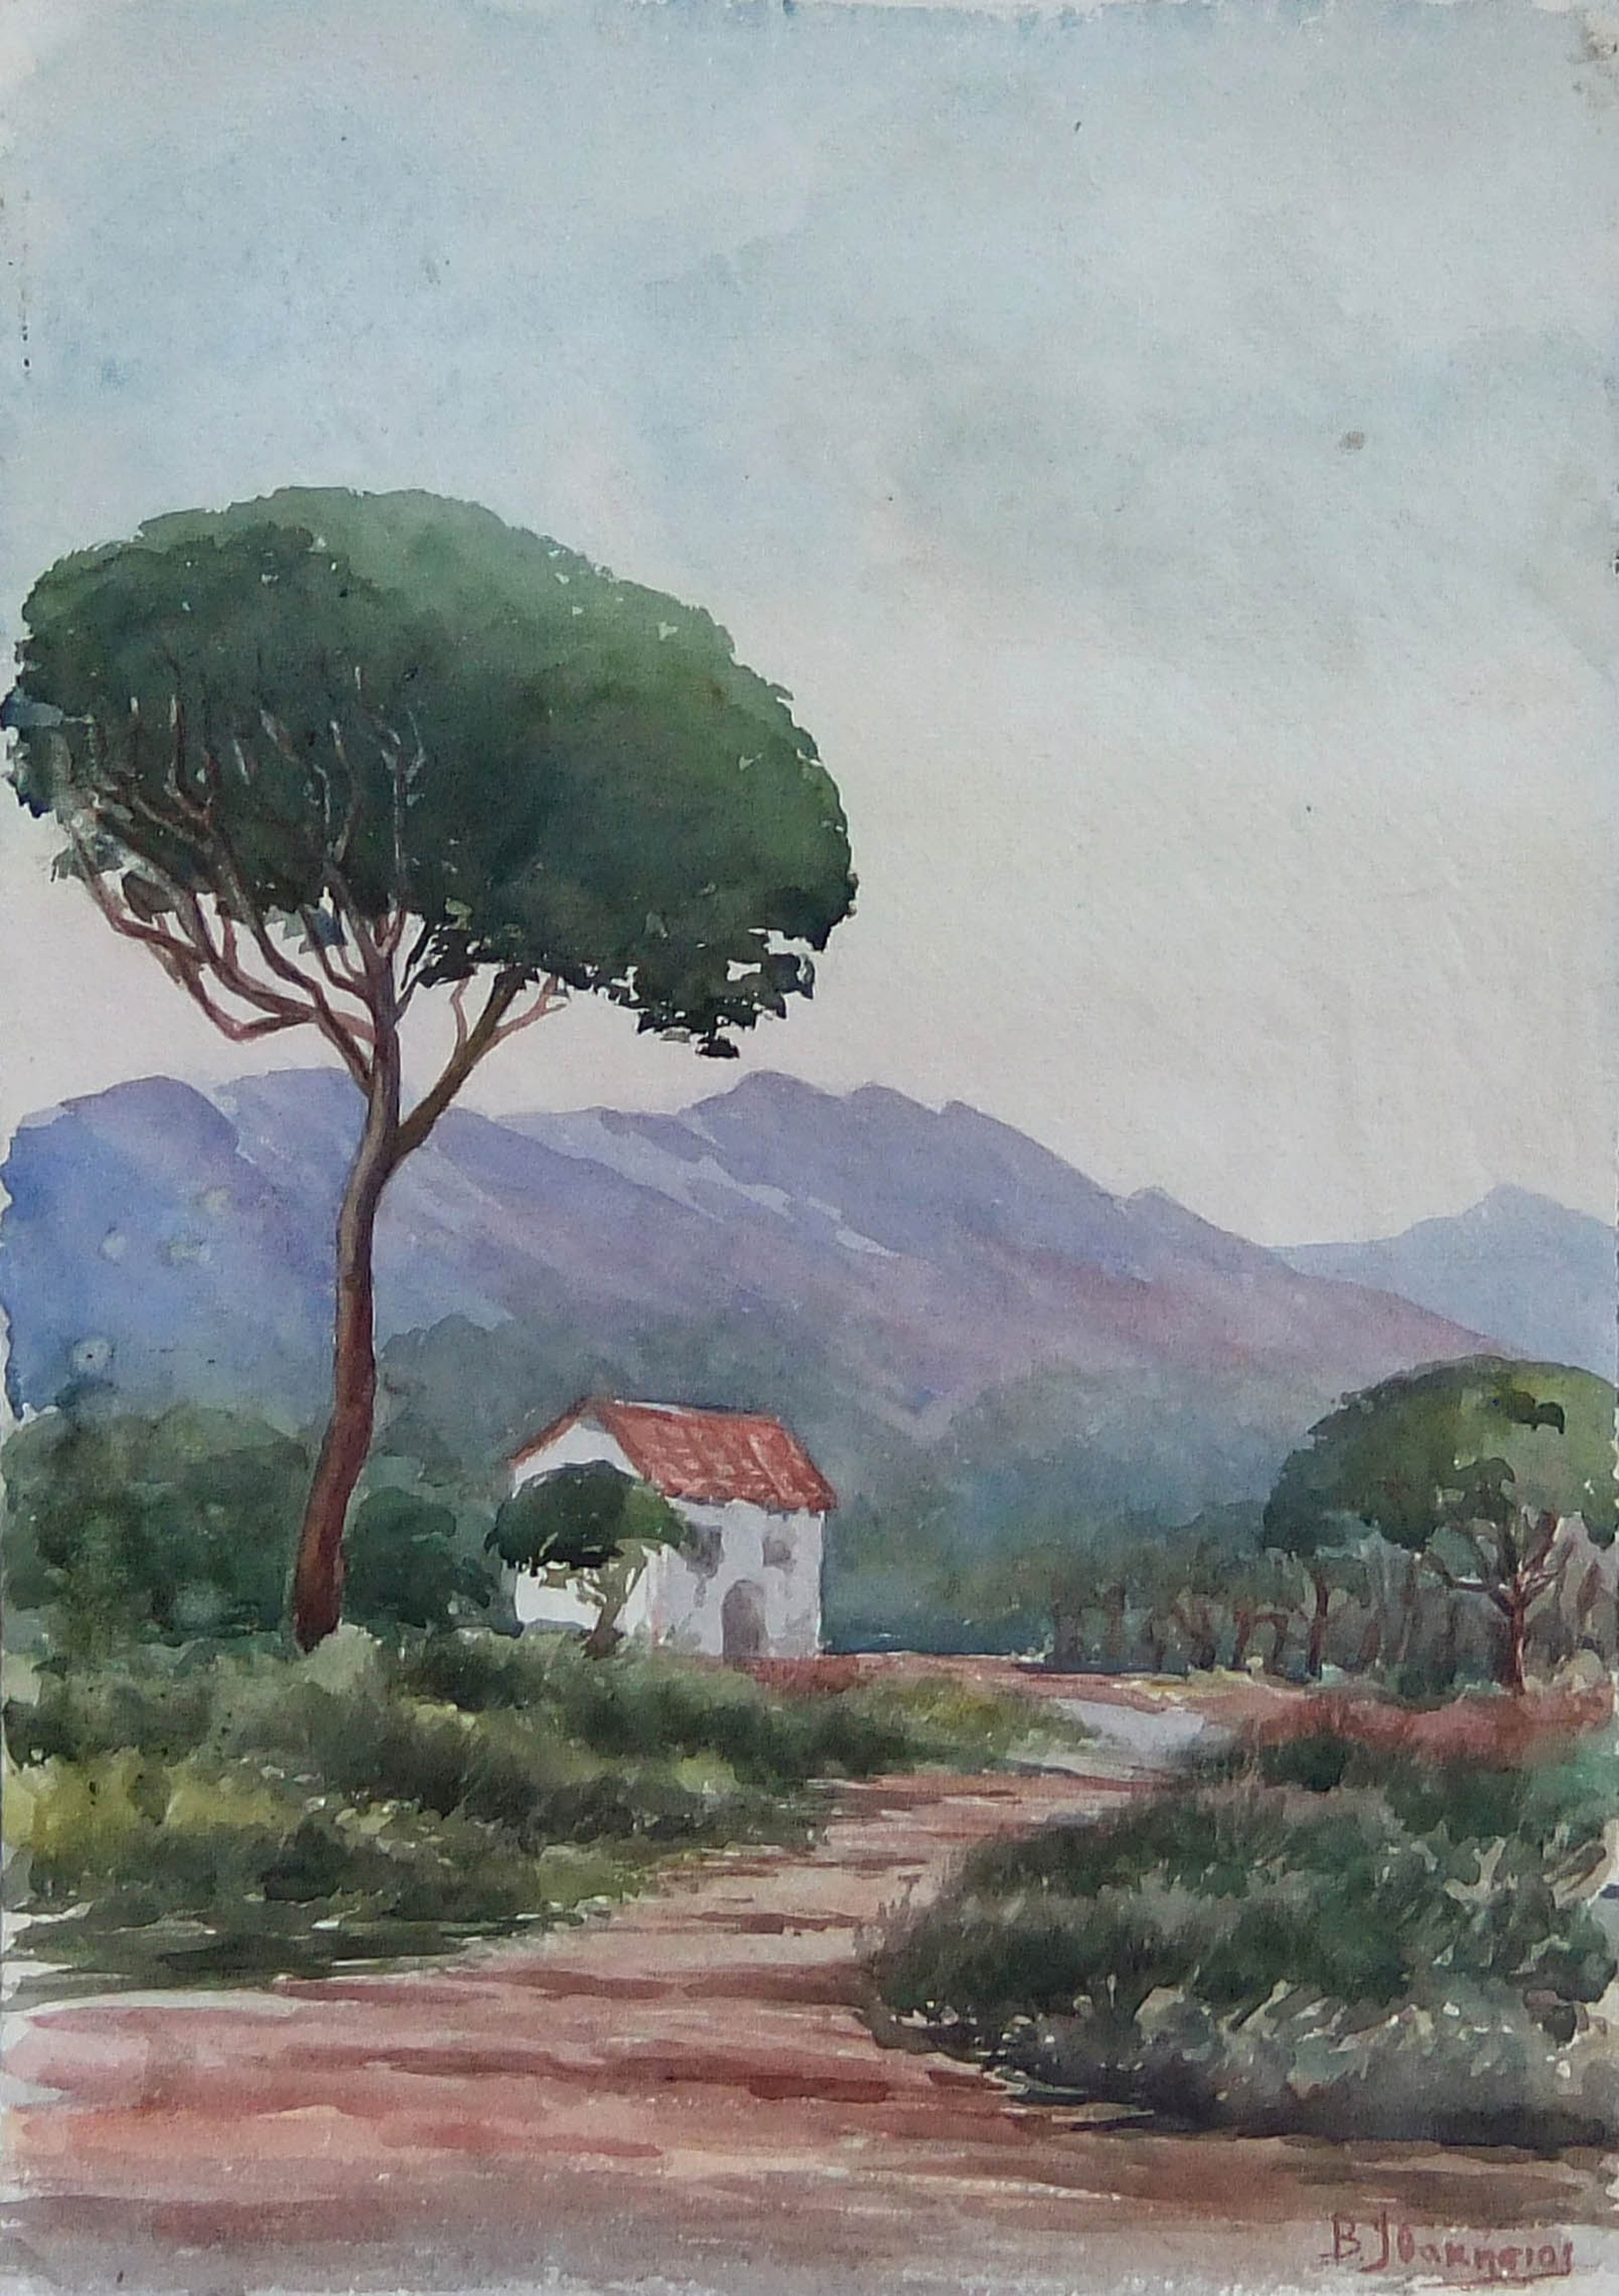 ΙΘΑΚΗΣΙΟΣ Βασίλειος  (1879 - 1977)